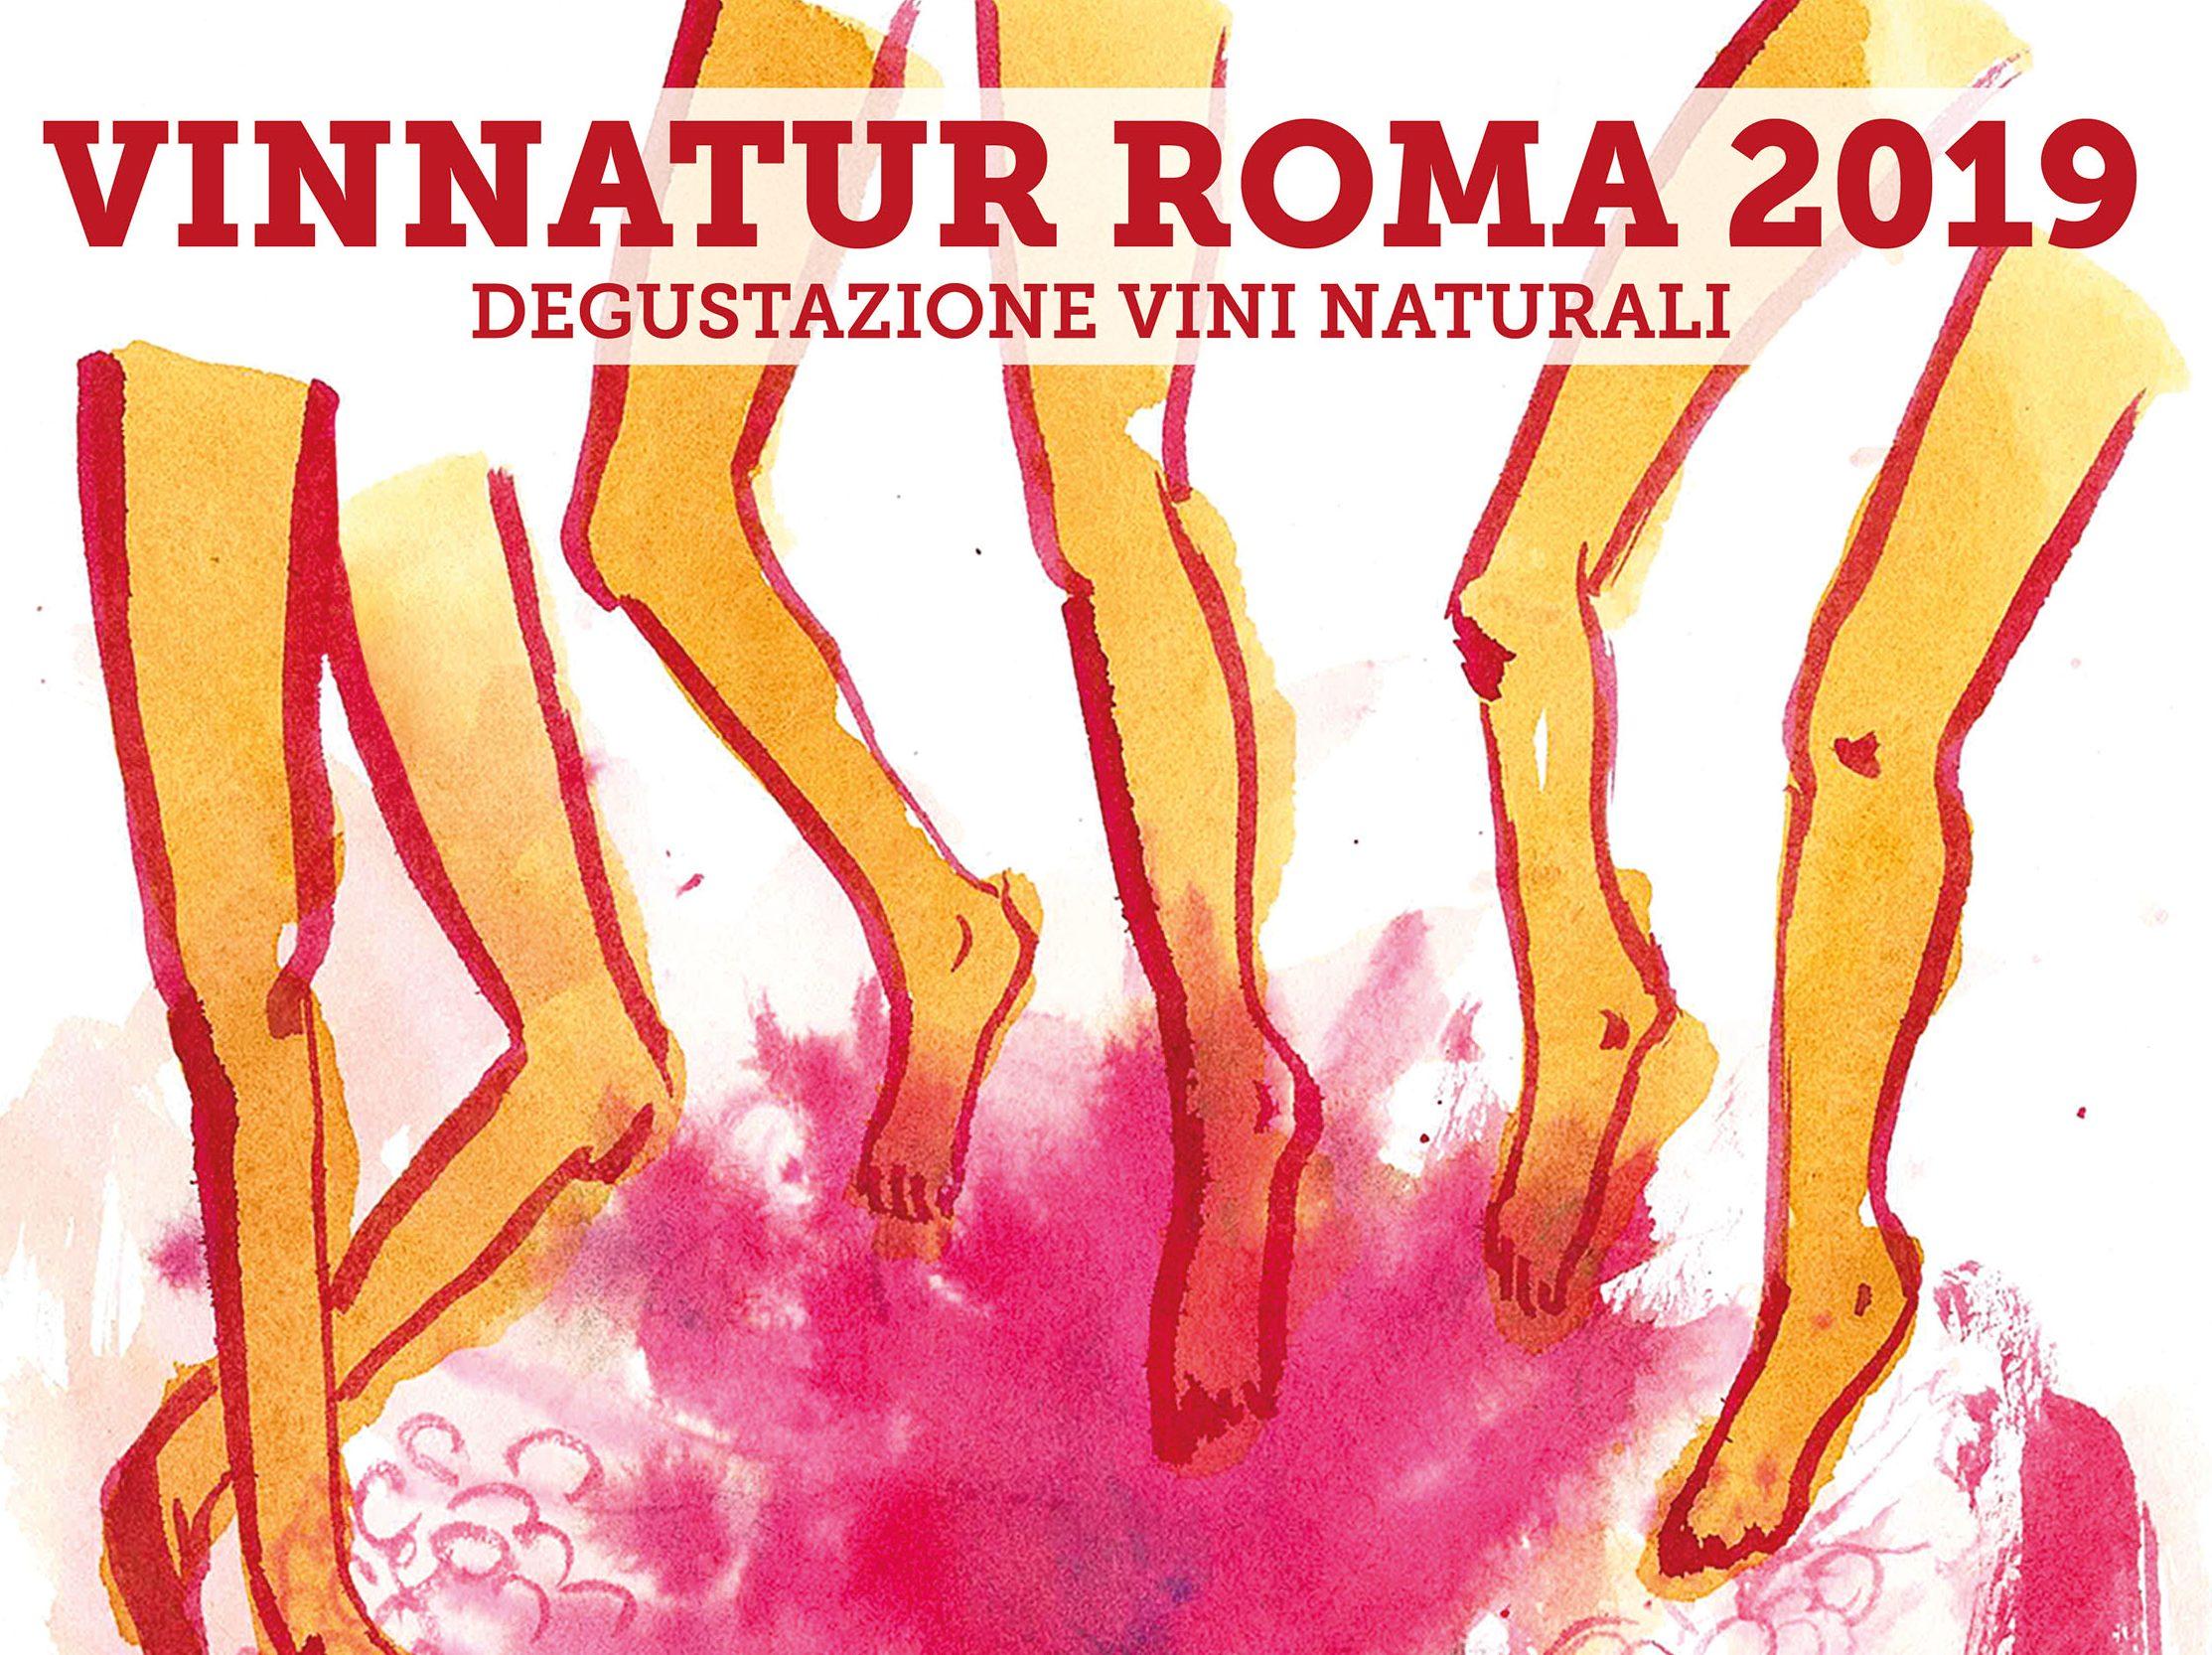 Vinnatur Roma 2019 23 24 Febbraio Vinnatur Org